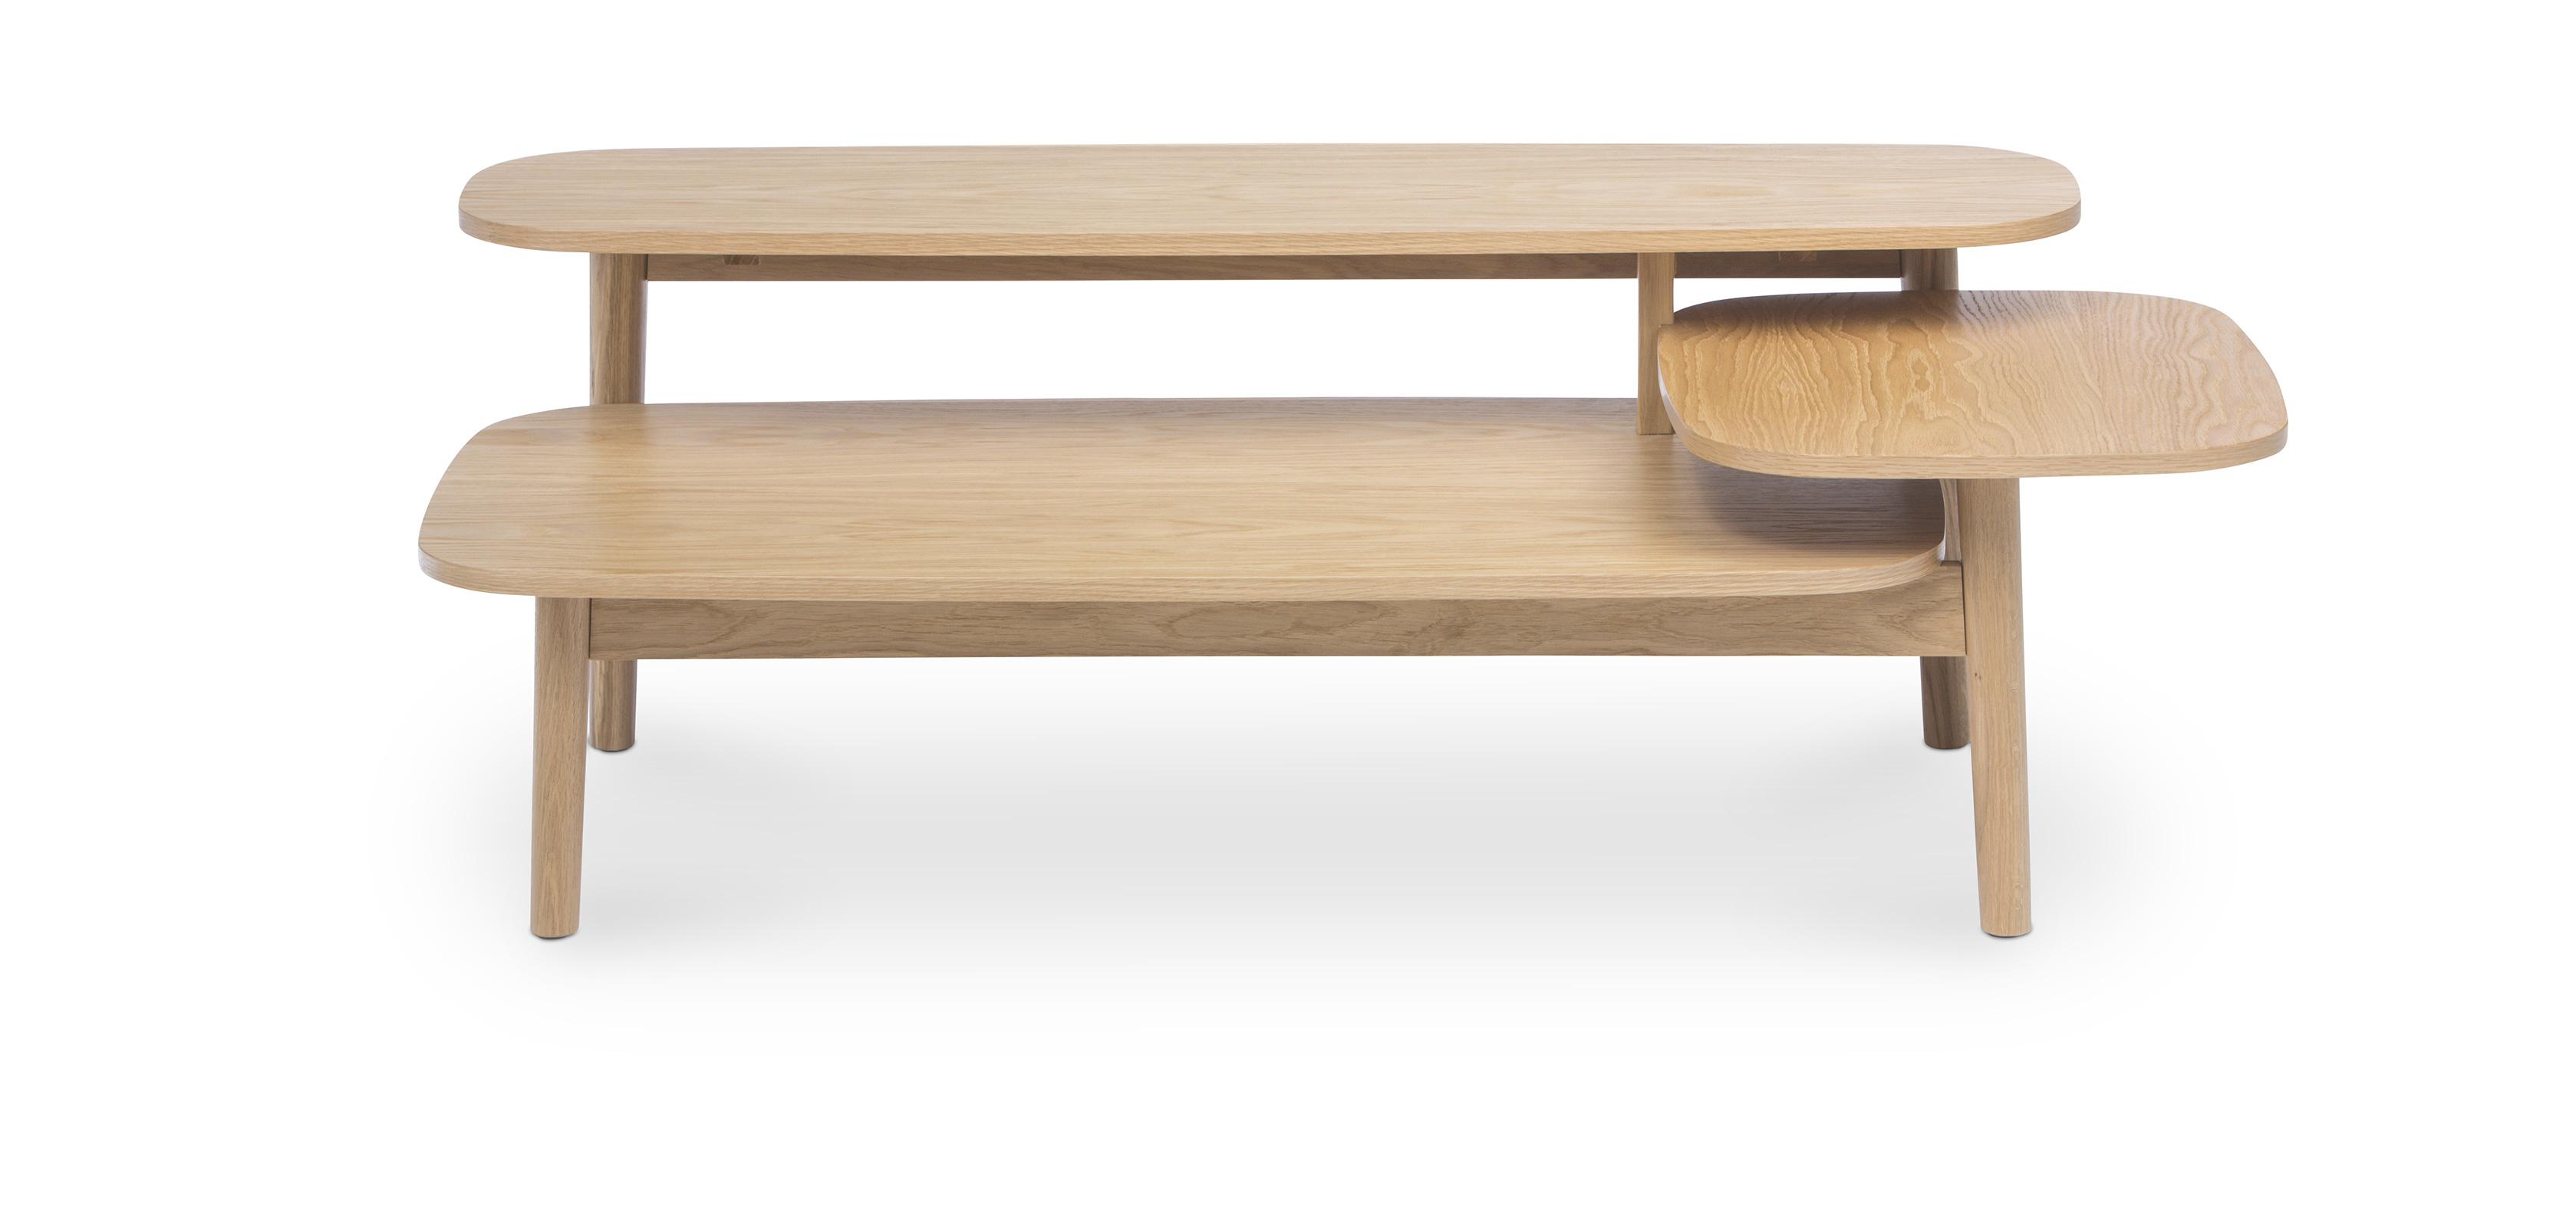 Tavolo console in legno di stile scandinavo - Tavolo scandinavo ...